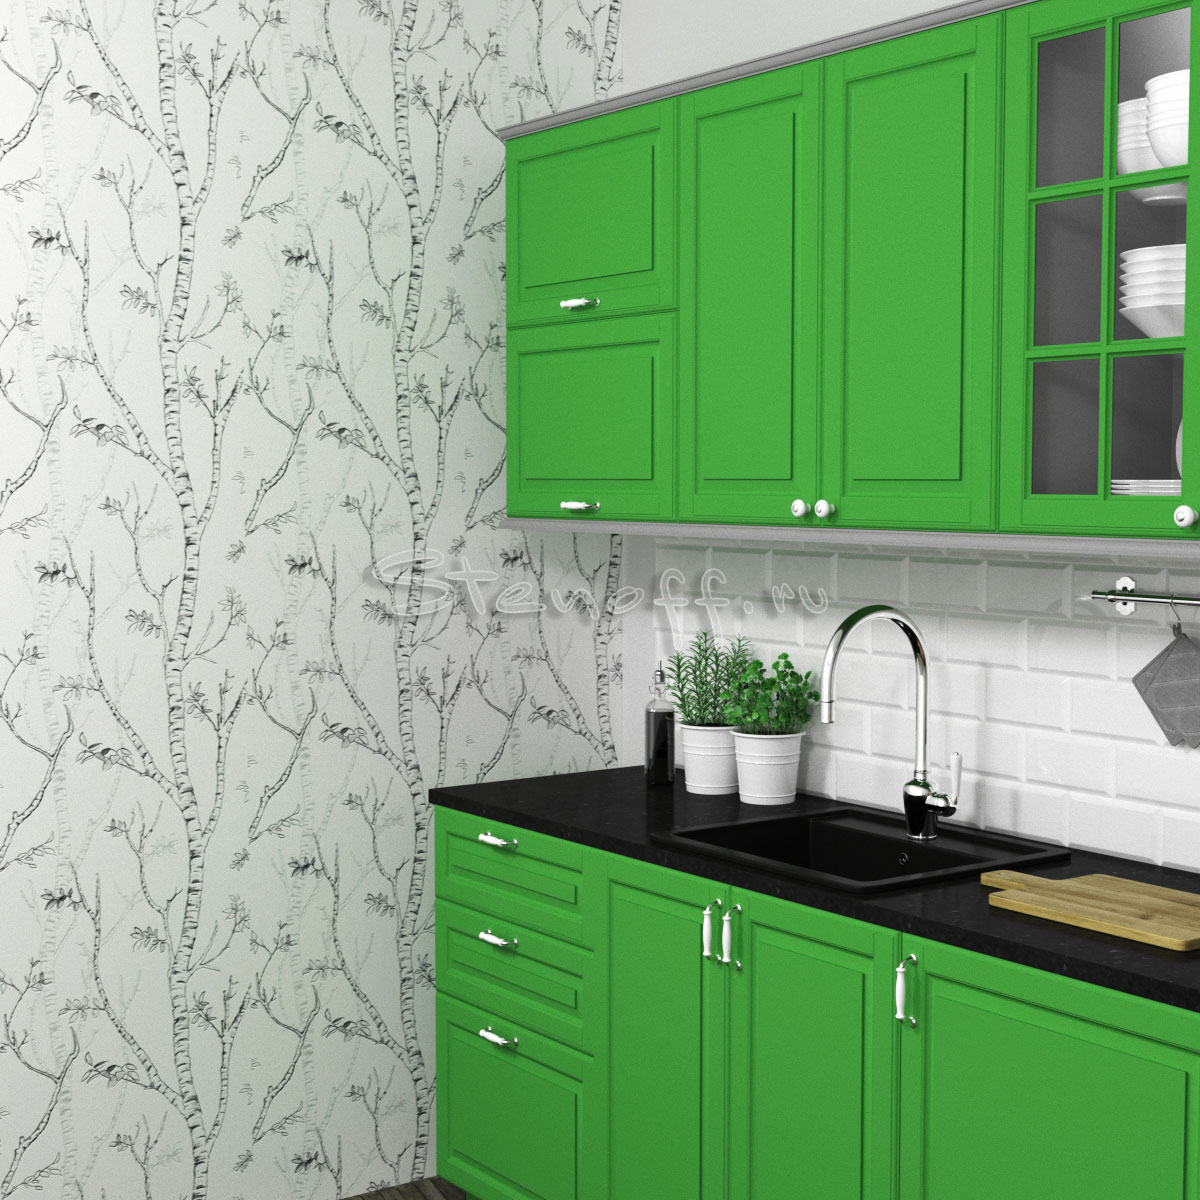 Обои с деревьями и зеленая кухня